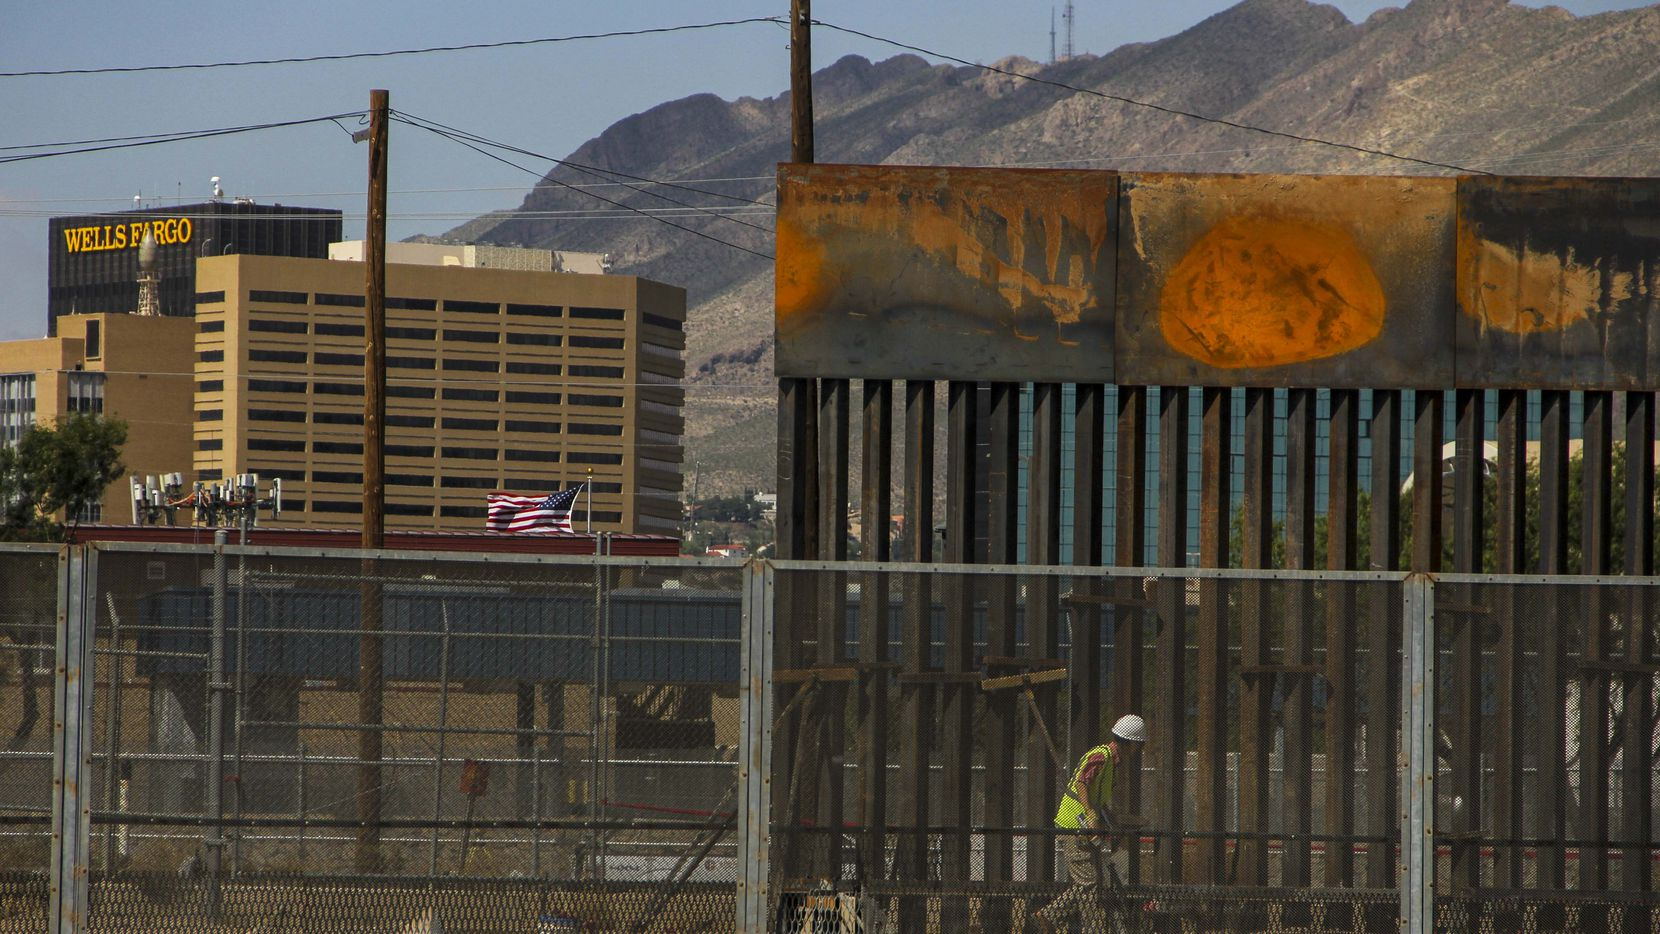 Trabajadores instalan nuevas secciones de una barda metálica en la línea fronteriza entre El Paso y Ciudad Juárez. HERIKA MARTINEZ / AFP-GETTY IMAGES)